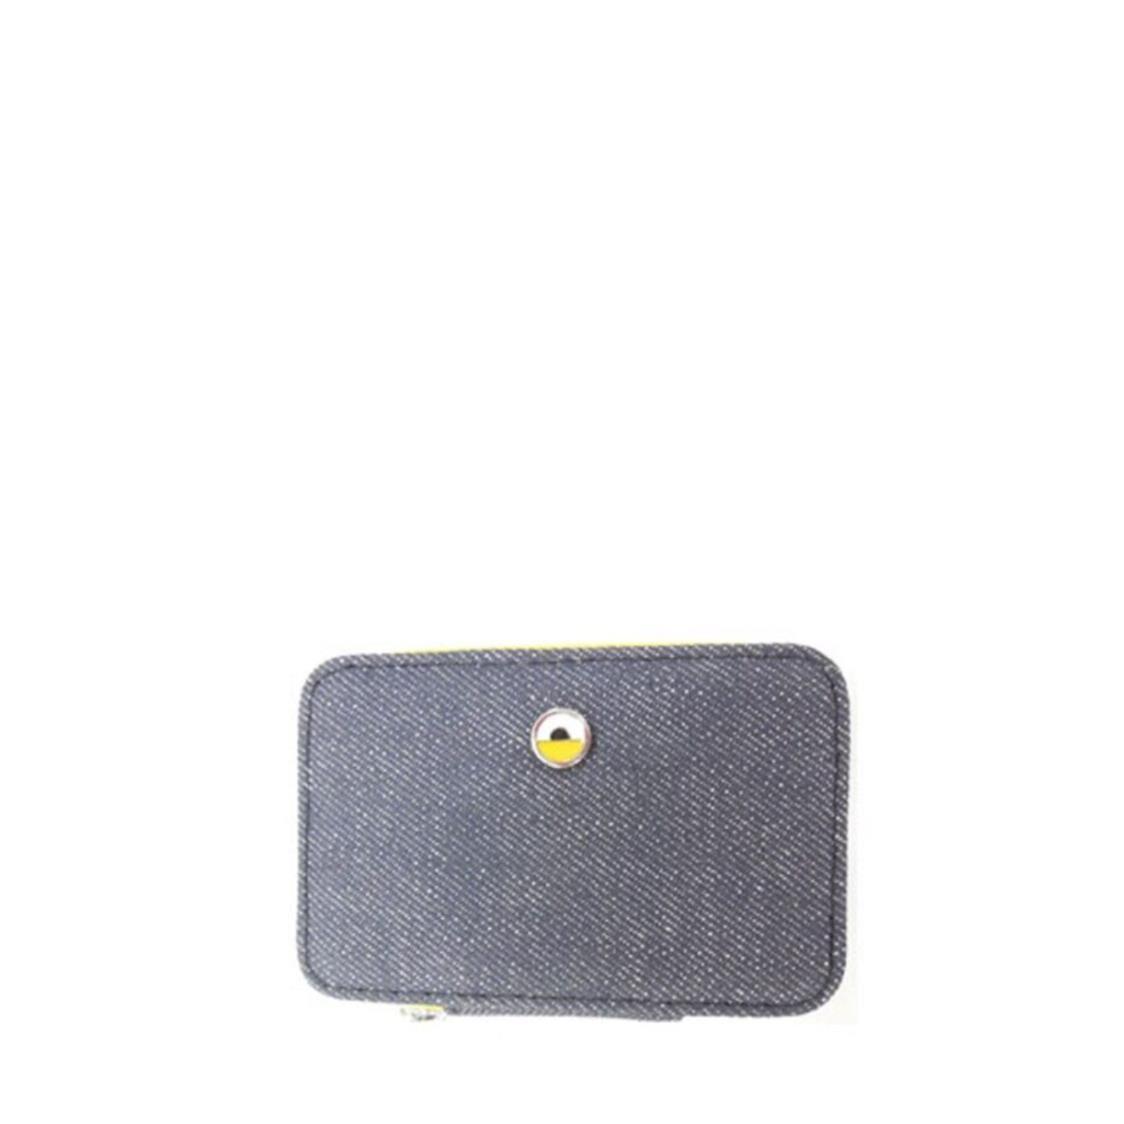 Fion Minions Leather with Denim Lip Sticks Box - FCAWLMY009BLEYLWZZ